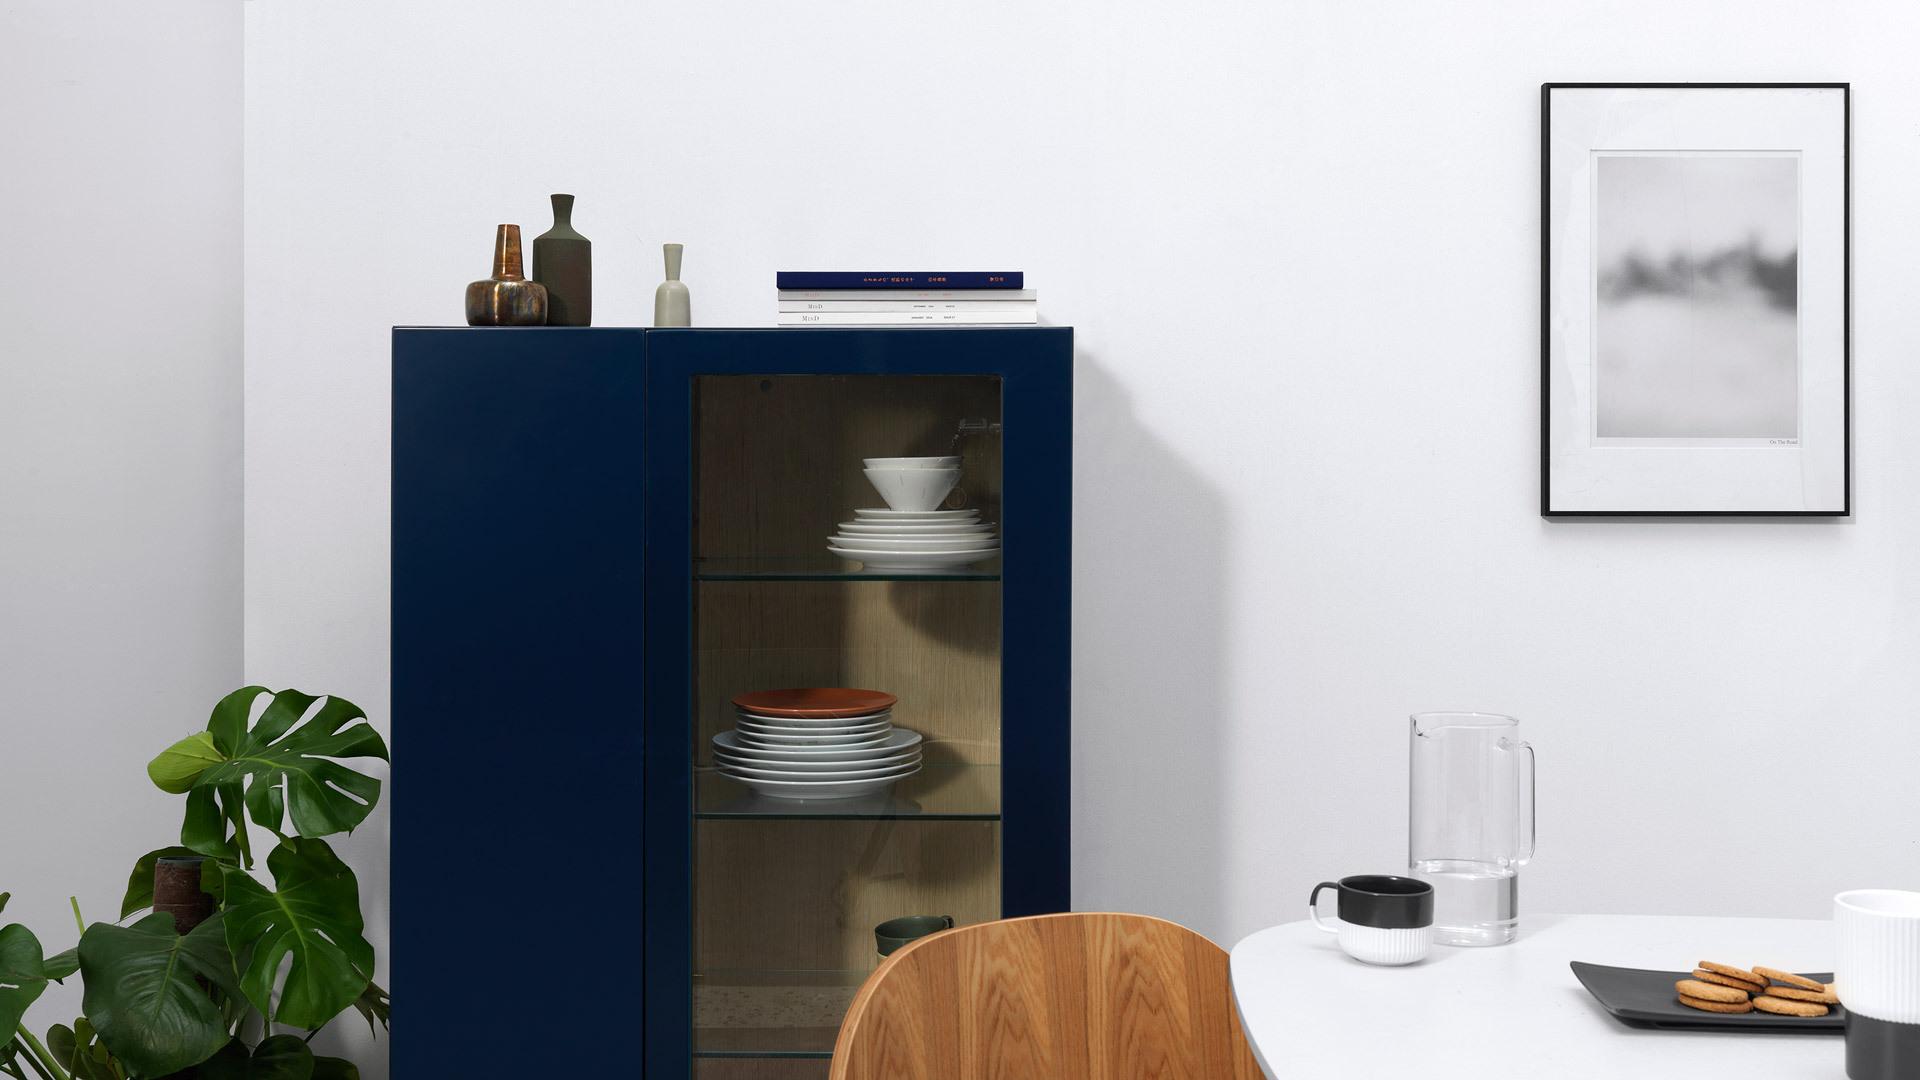 如果餐厅空间有足够余地,单独置放于4人餐桌旁,能带来纤柔的气氛烘托效果,充足的收纳空间,为餐盘、酒杯找到优美陈列处。